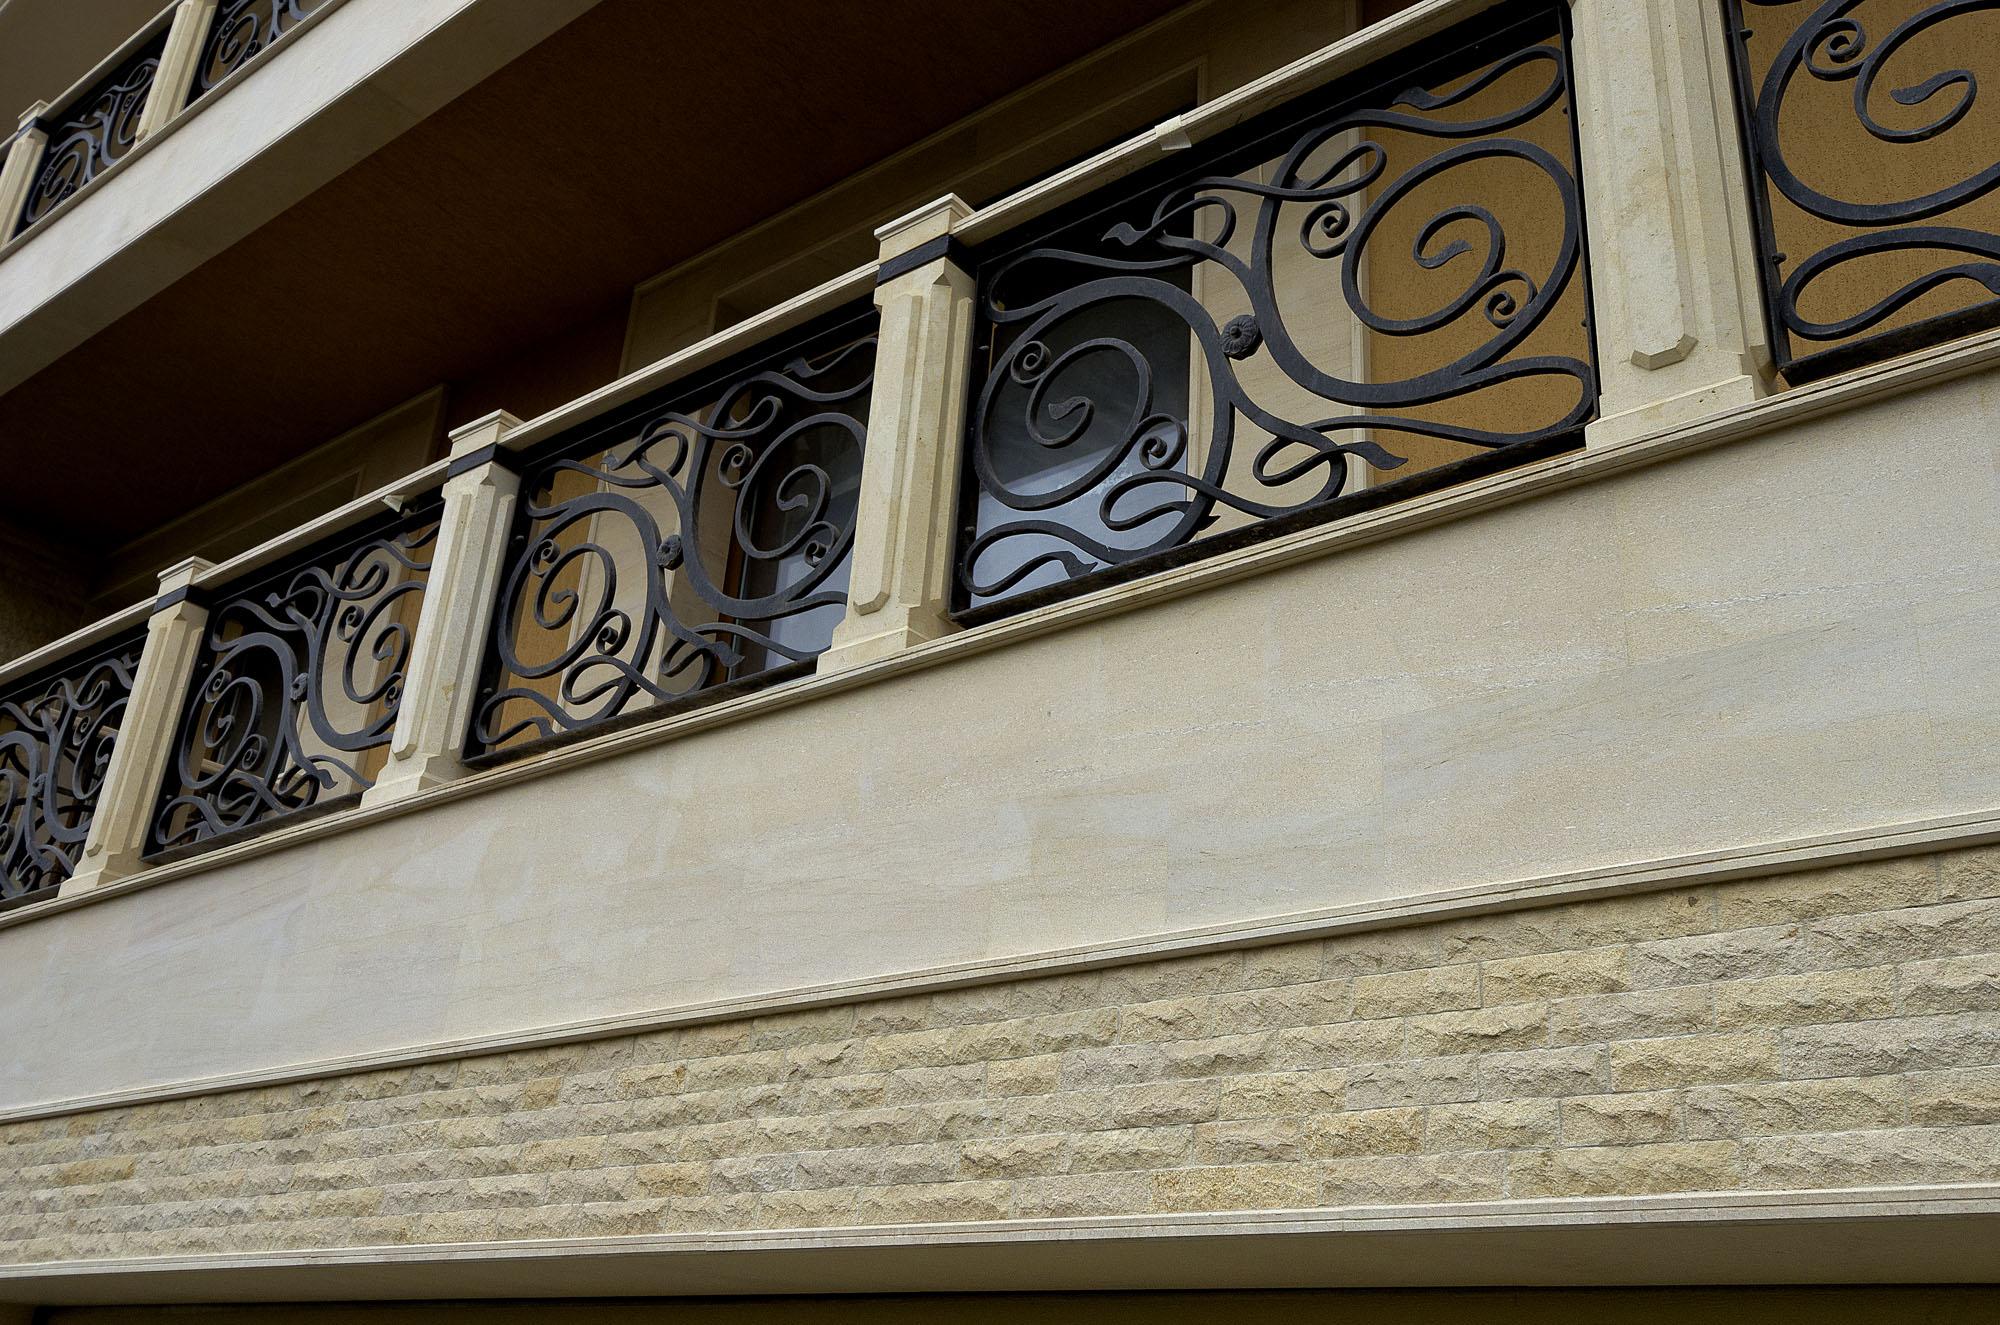 Elemente arhitecturale LEVENTE COMPANIE - Poza 6